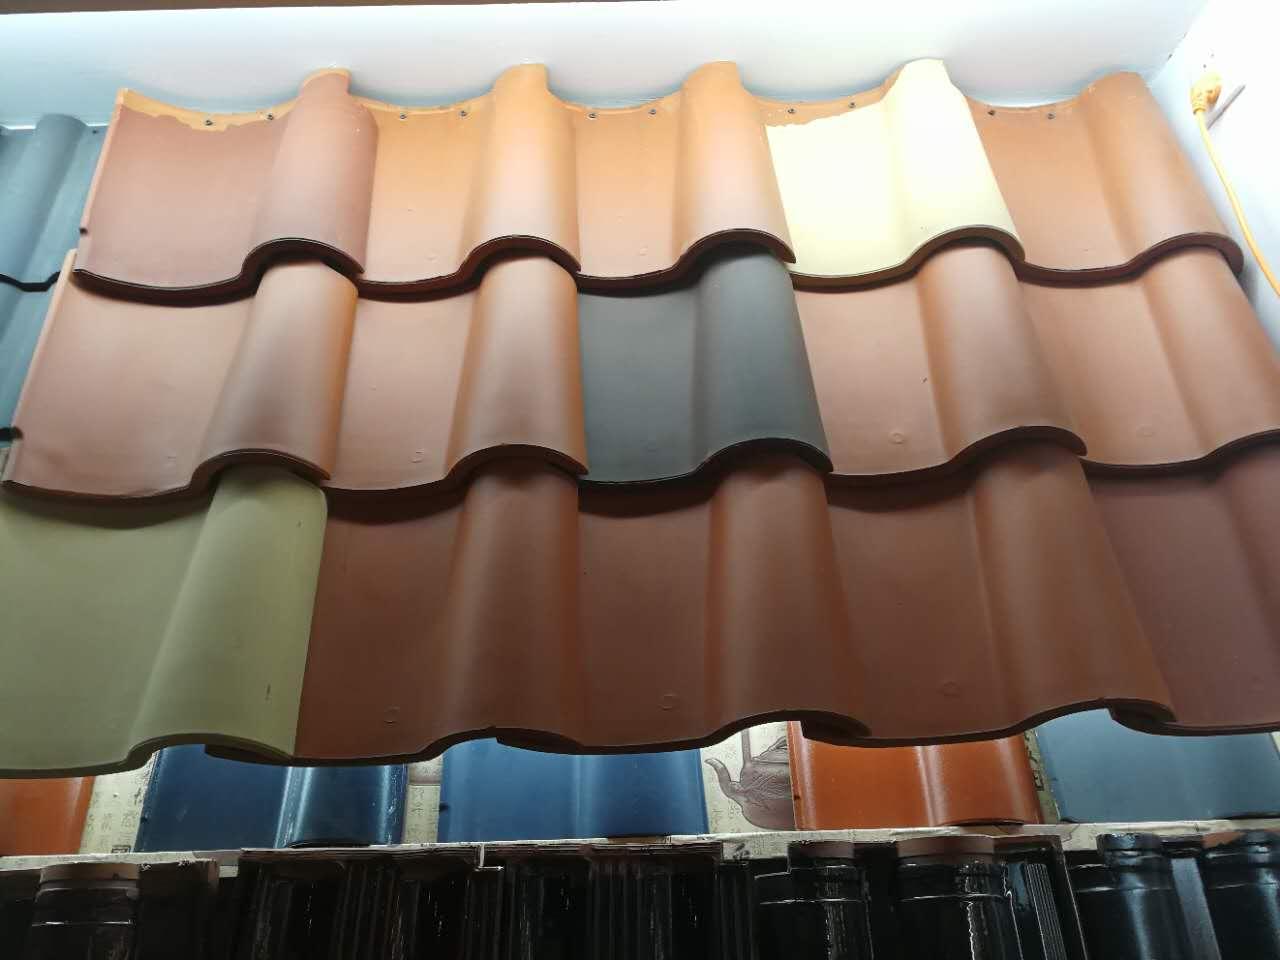 四平琉璃古建瓦价格-大量出售辽宁省质量好的沈阳琉璃古建瓦